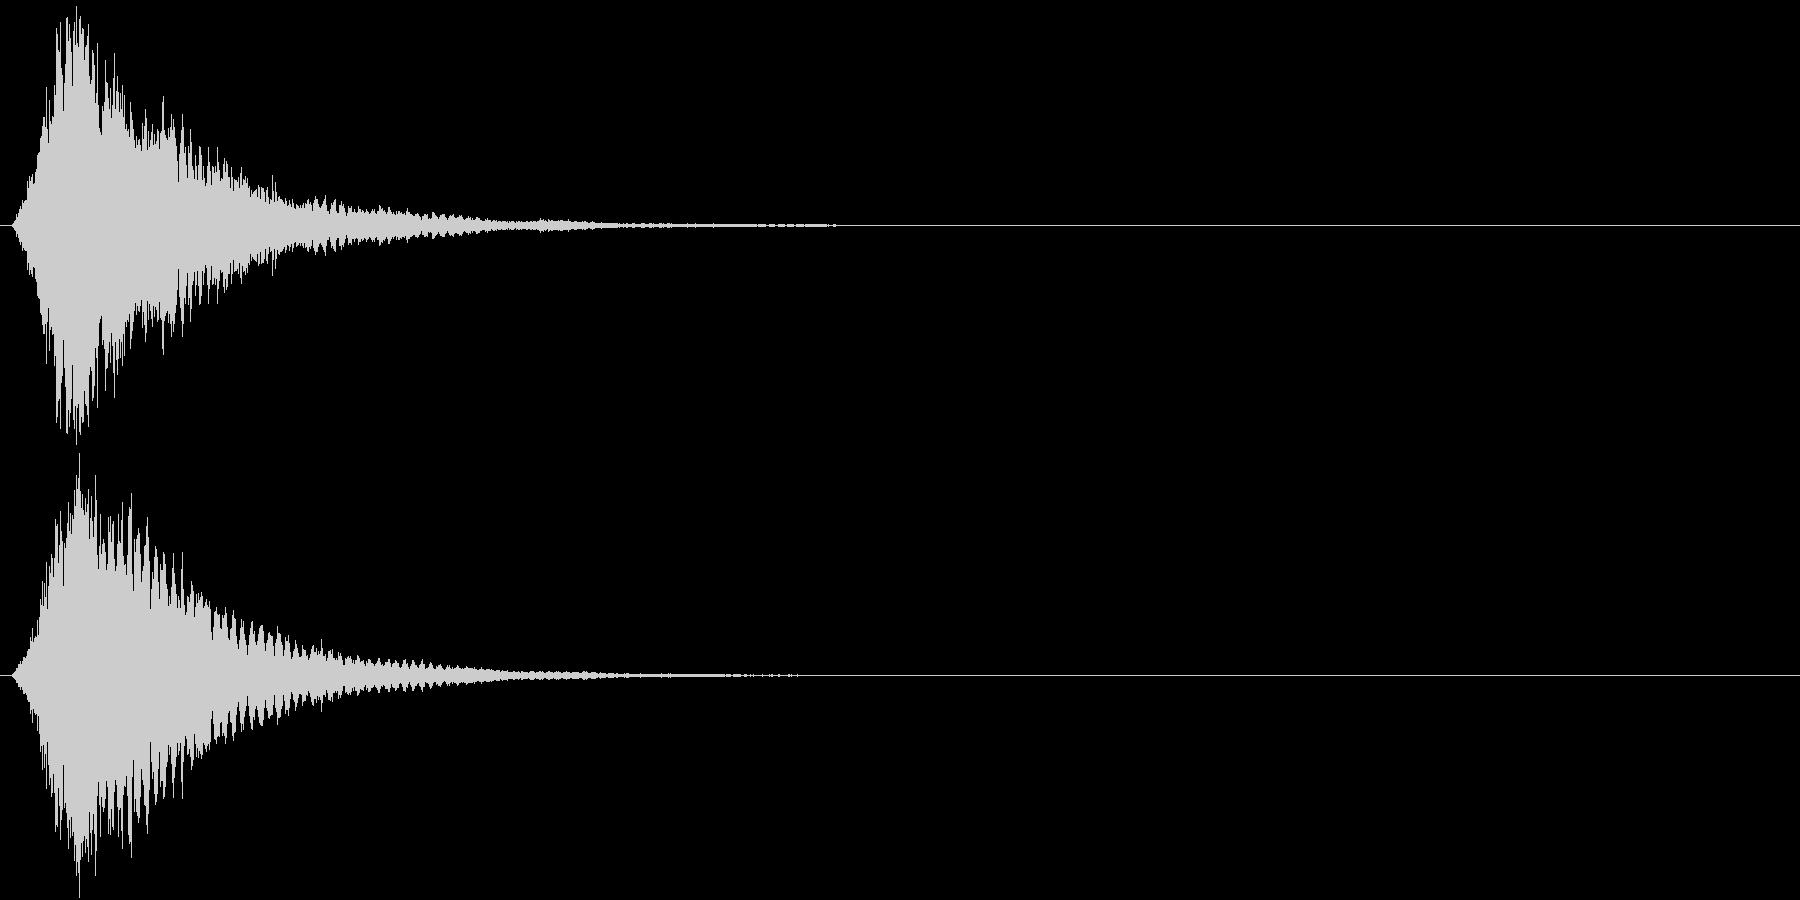 刀 キーン 剣 リアル インパクト Jの未再生の波形